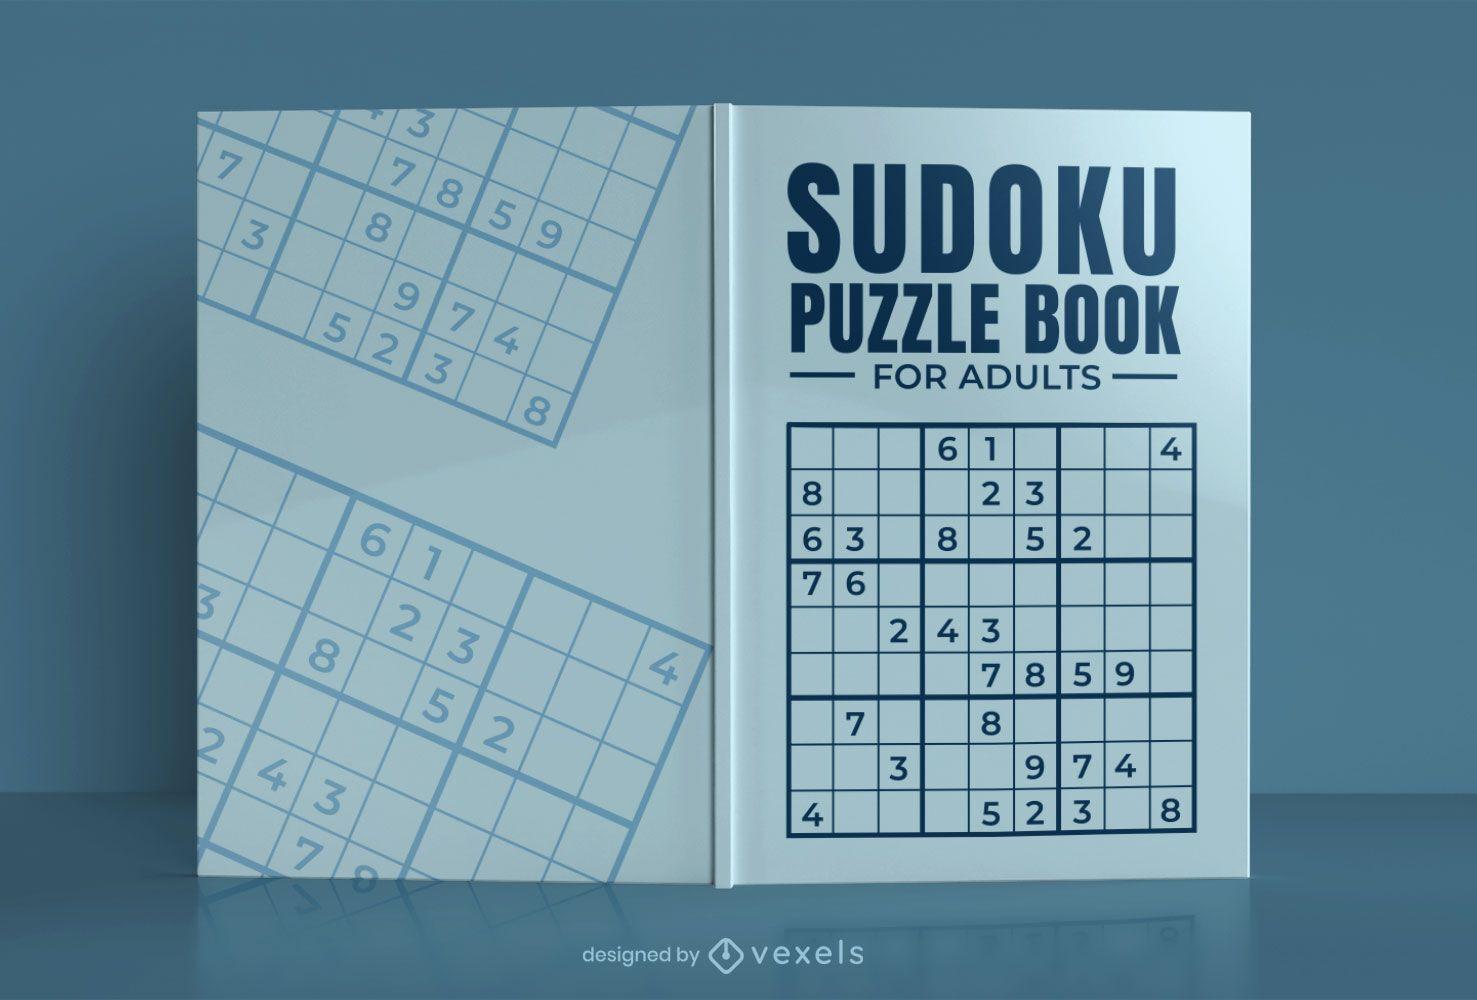 Sudoku Puzzle Book Cover Design